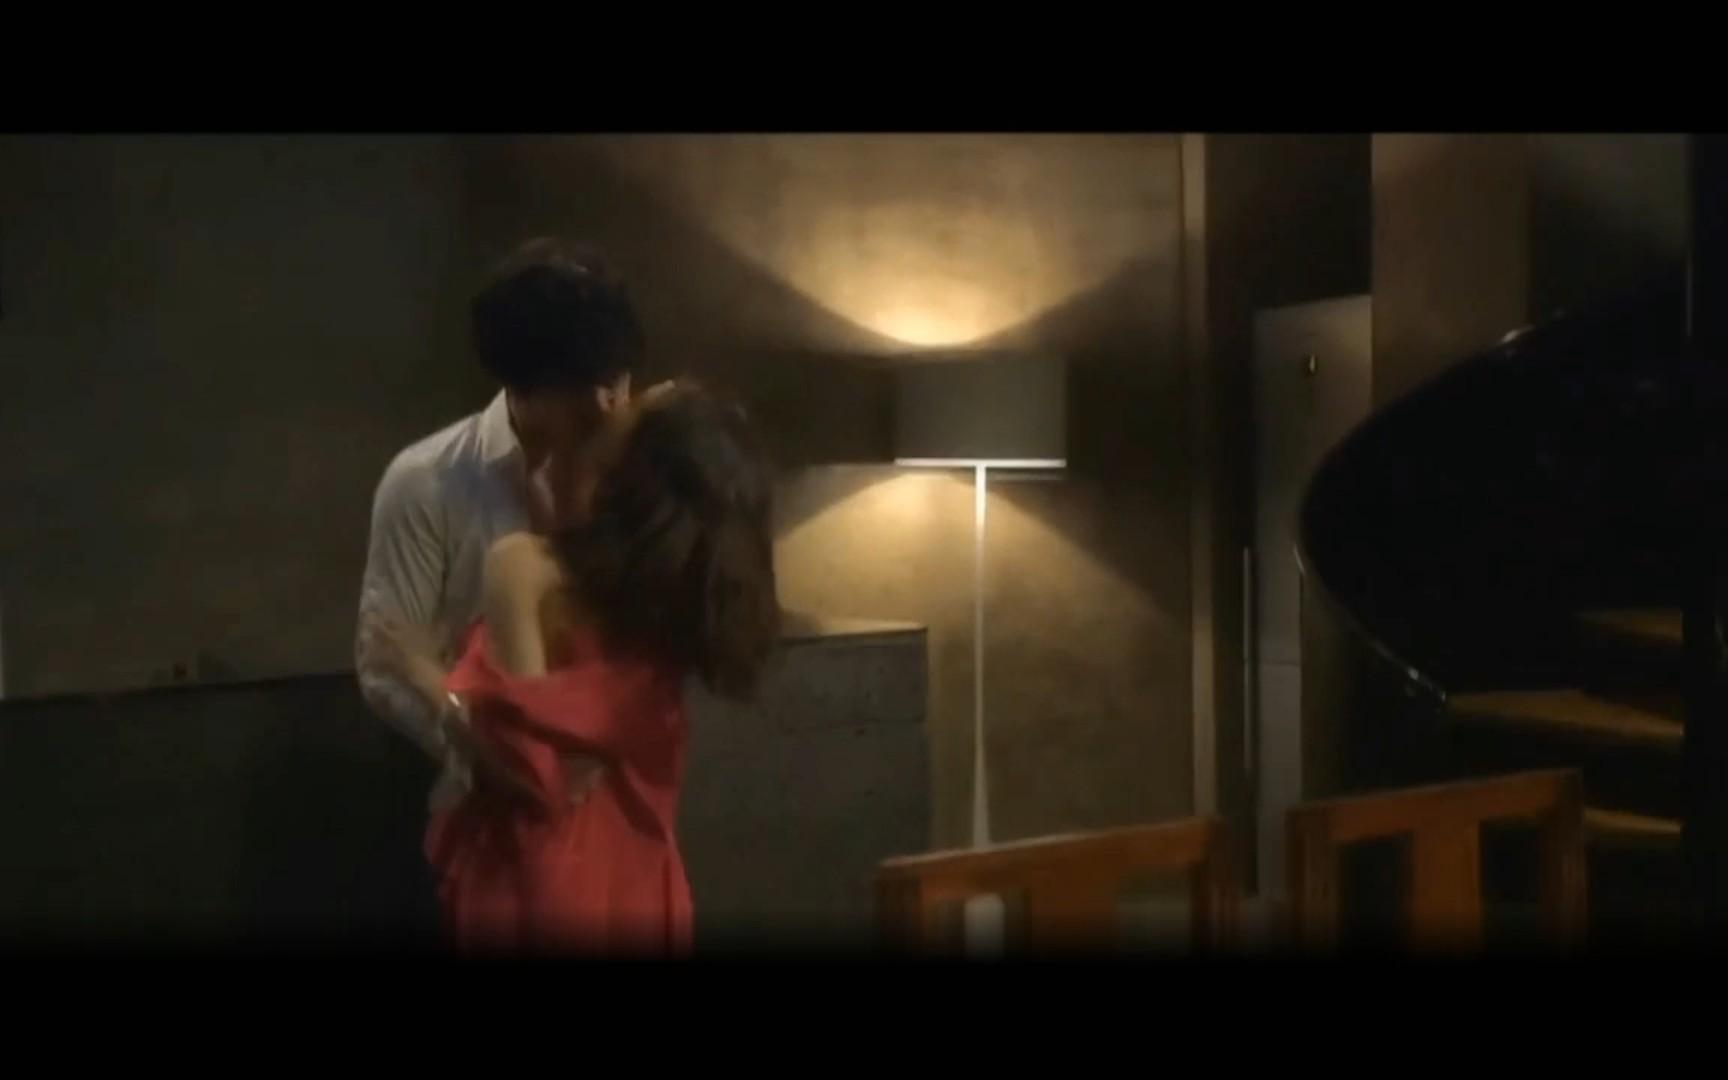 【超有感觉的吻戏+船】男主和女主分手后再次陷入爱情的热烈, 只有亲吻才能让我确信你是我的